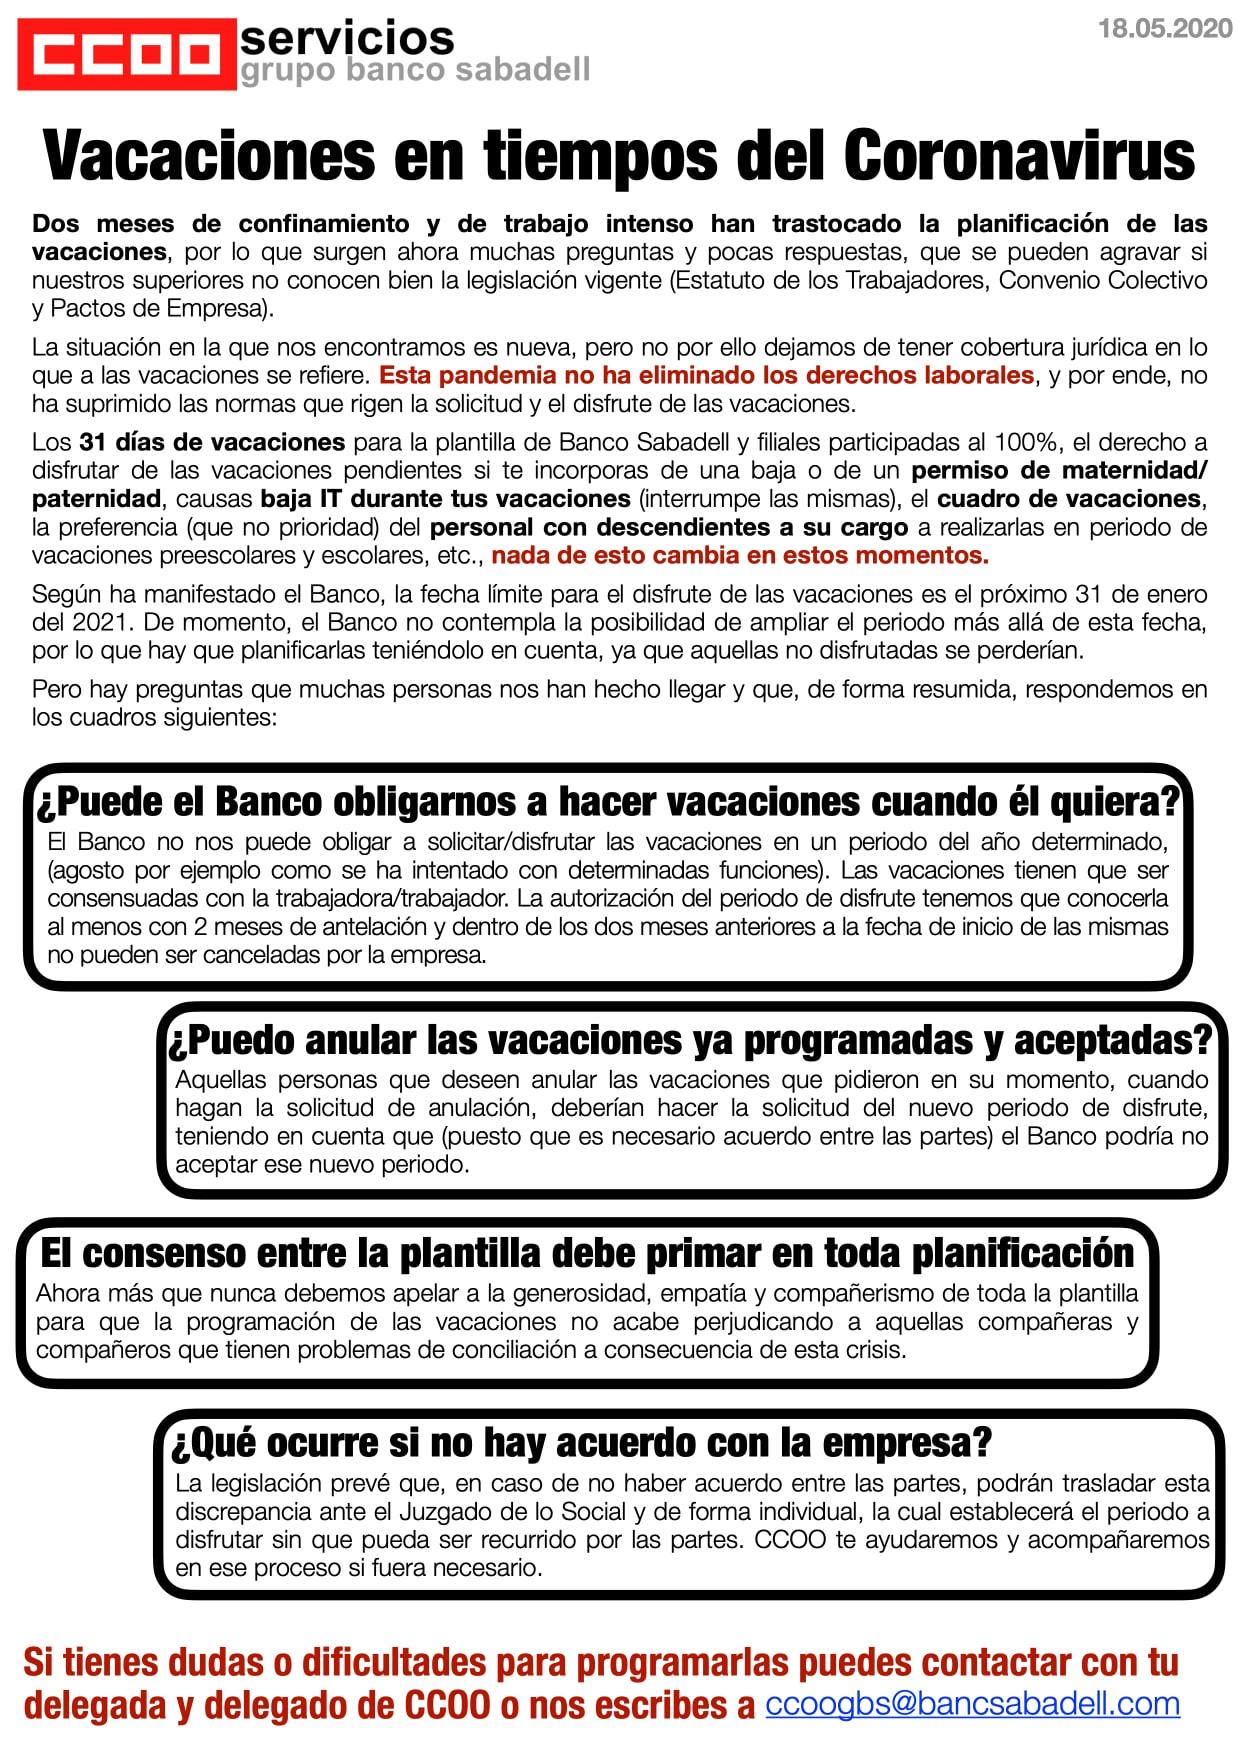 Boletin vacaciones Banc Sabadell segunda parte